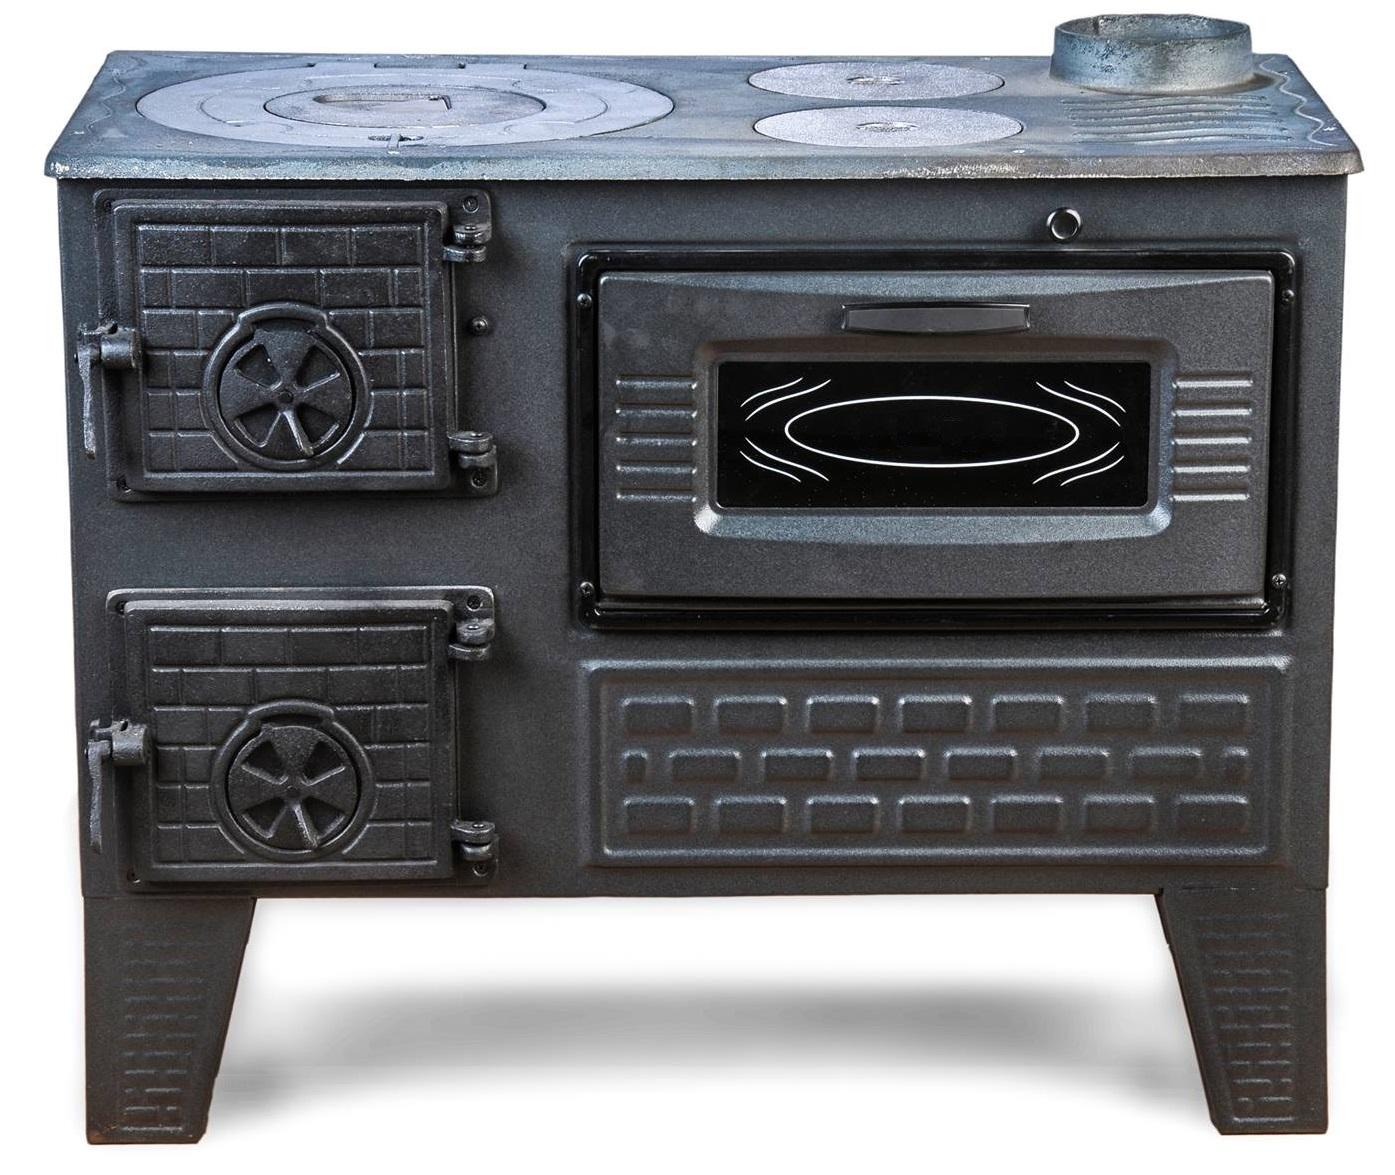 Дровяная чугунная печь-буржуйка для дачи: какую лучше купить